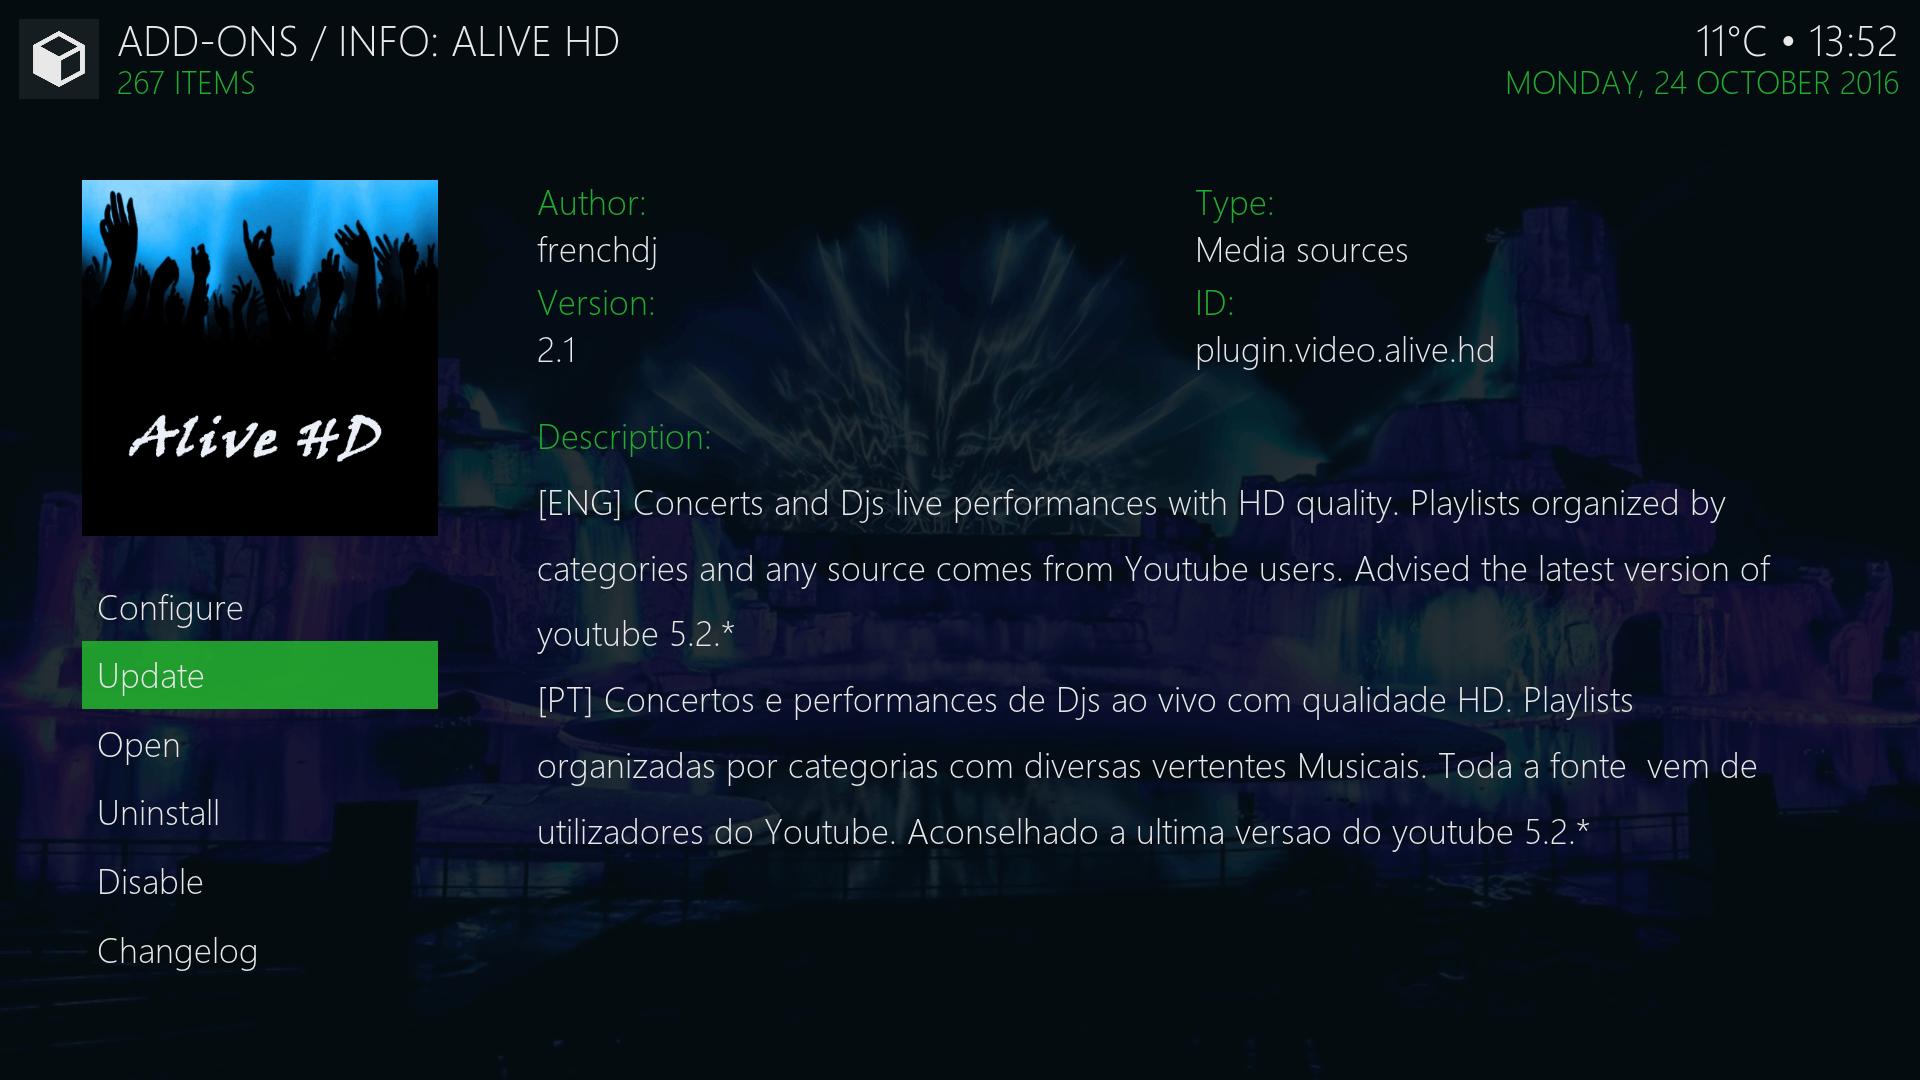 Install Guide Alive HD Kodi Addon Repo